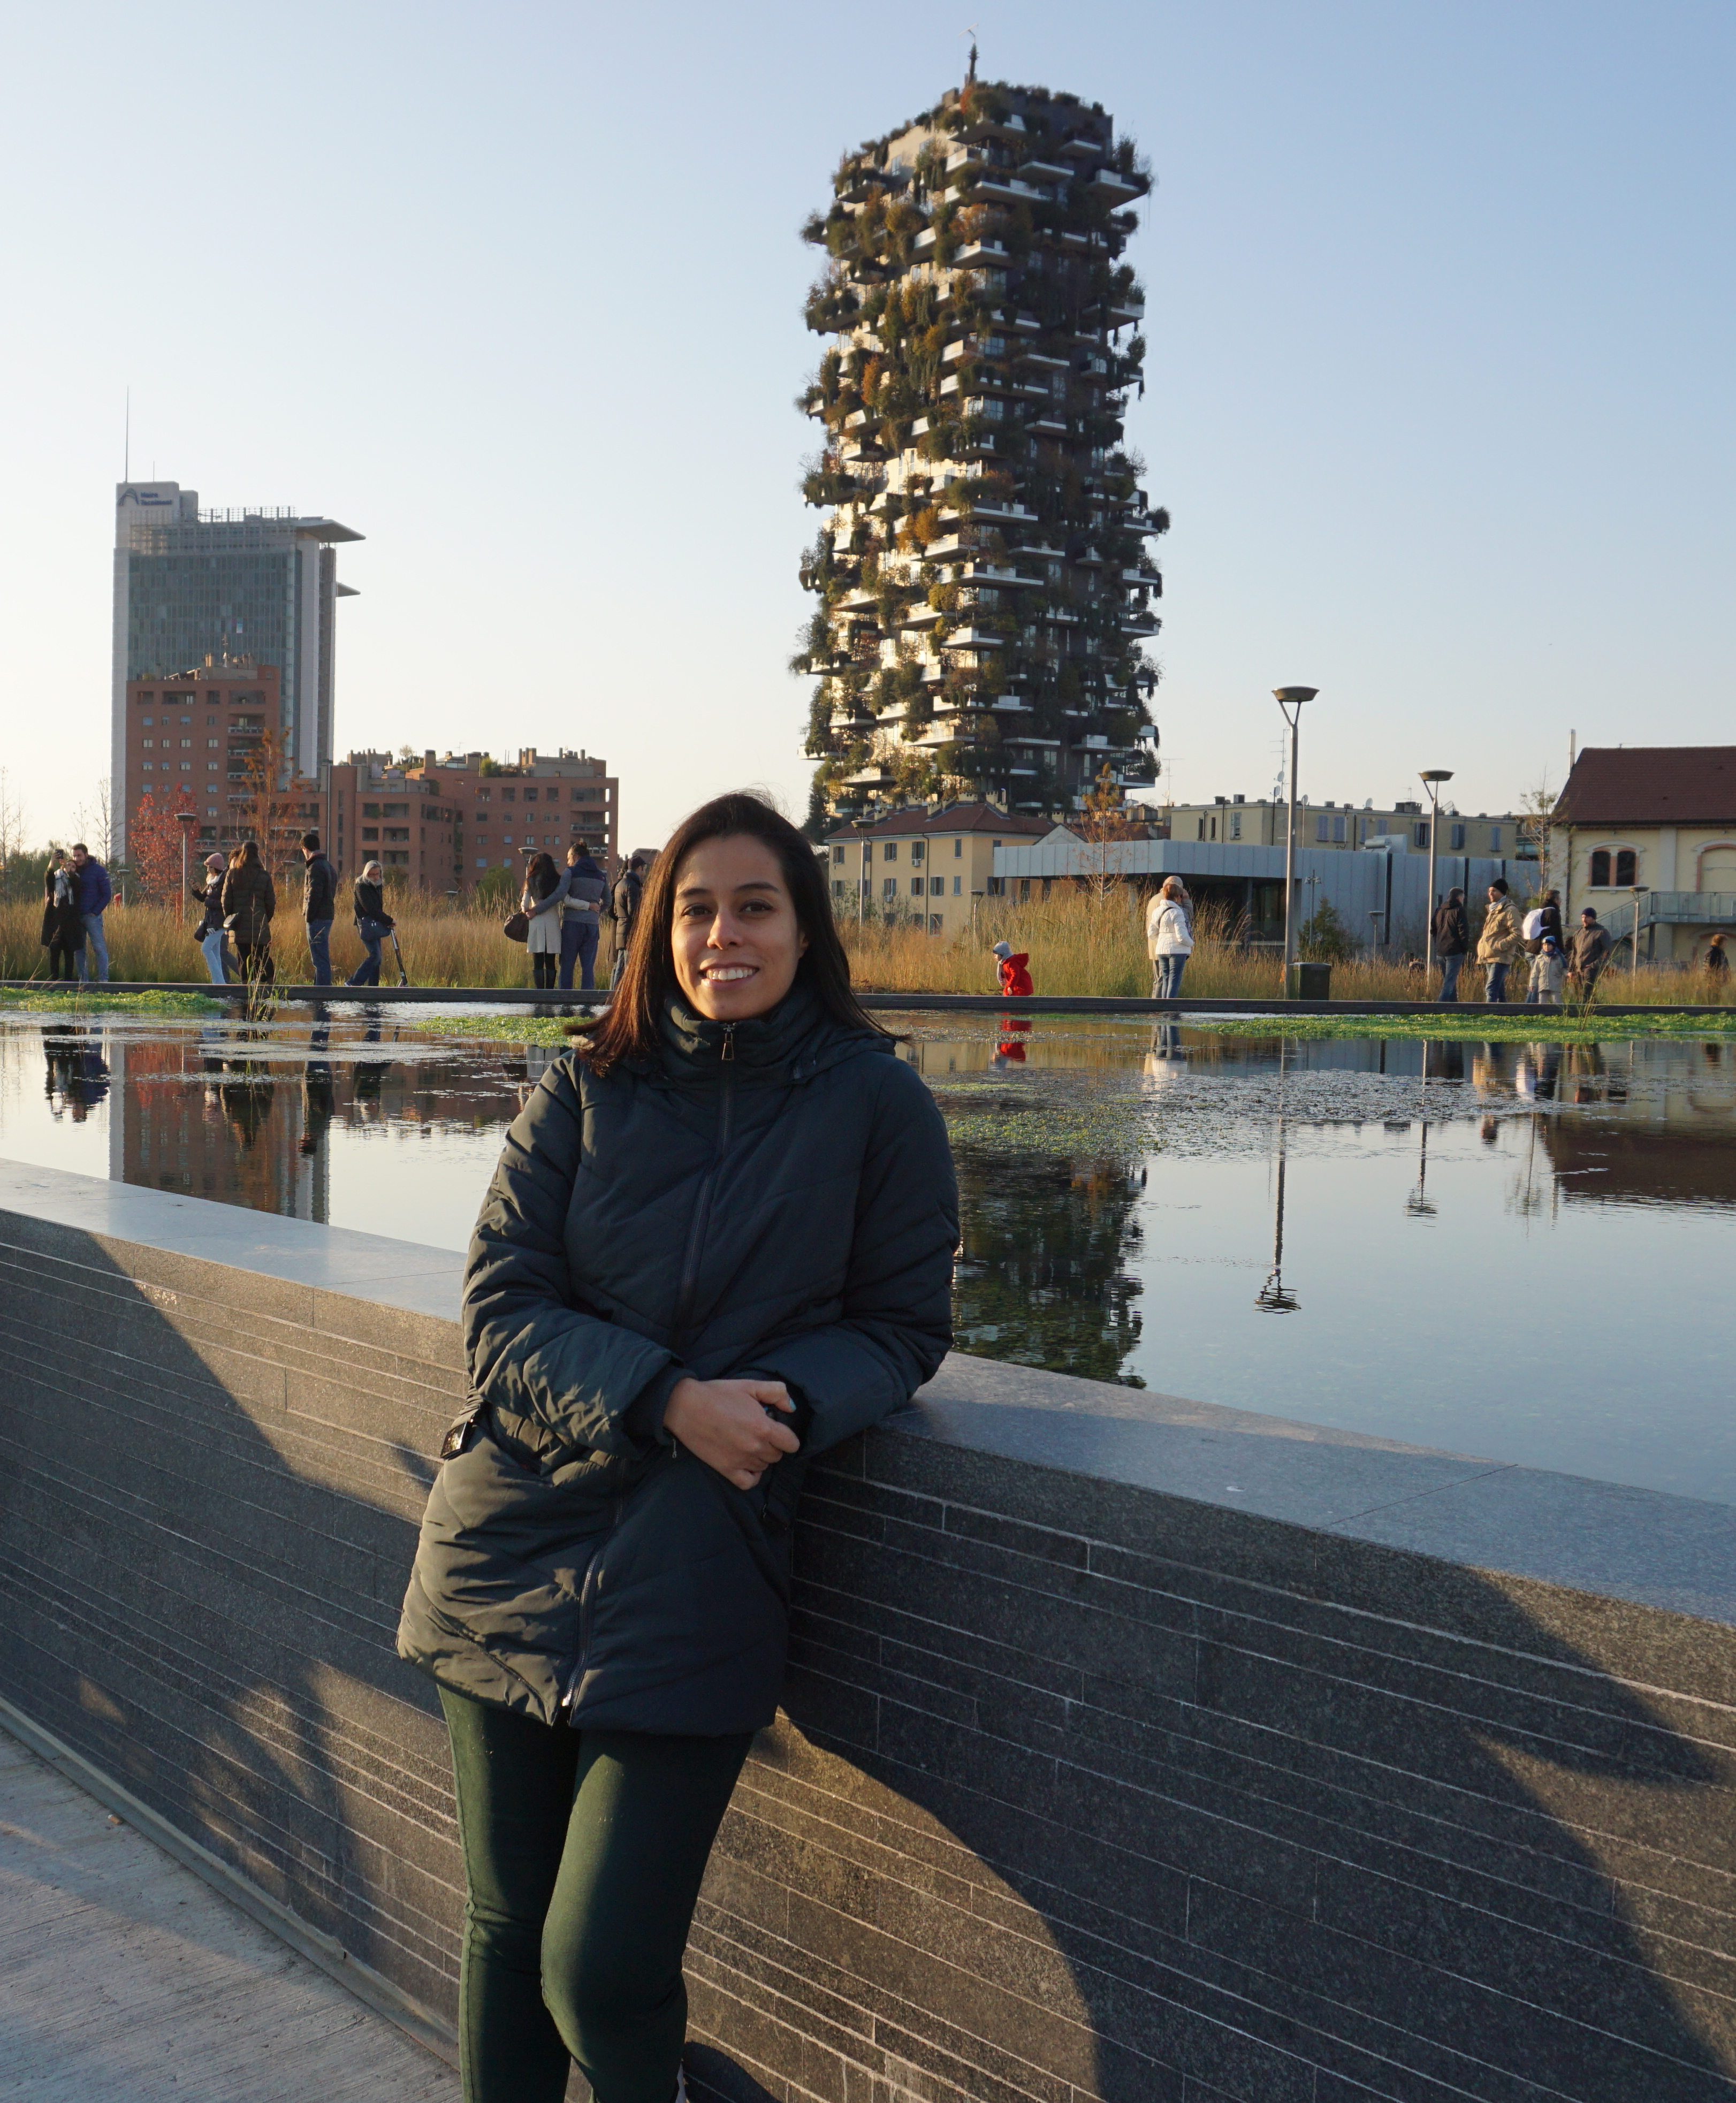 Sandra Lorena Romero Córdoba, adscrita Instituto Nacional de Ciencias Médicas y Nutrición Salvador Zubirán. Fotografía: Cortesía de la investigadora.